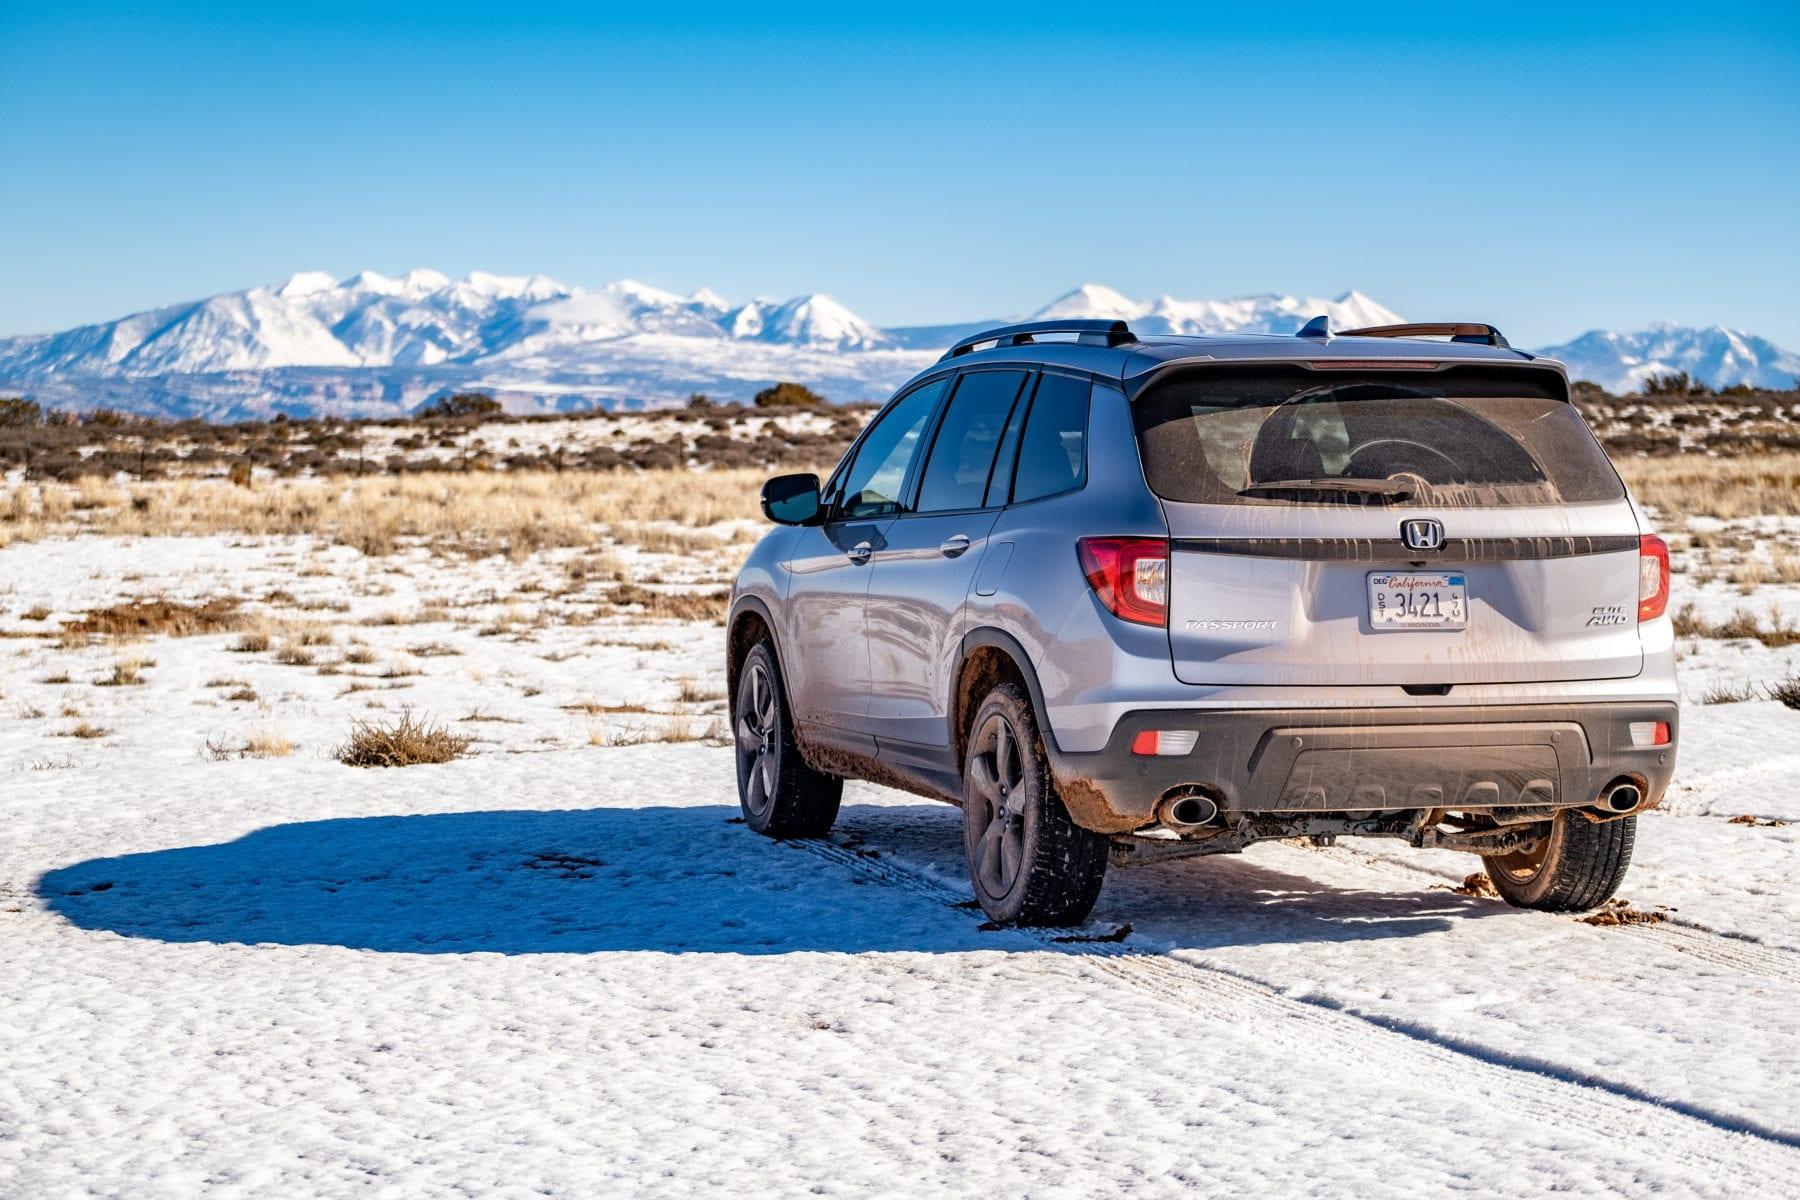 2019 Honda Passport Moab